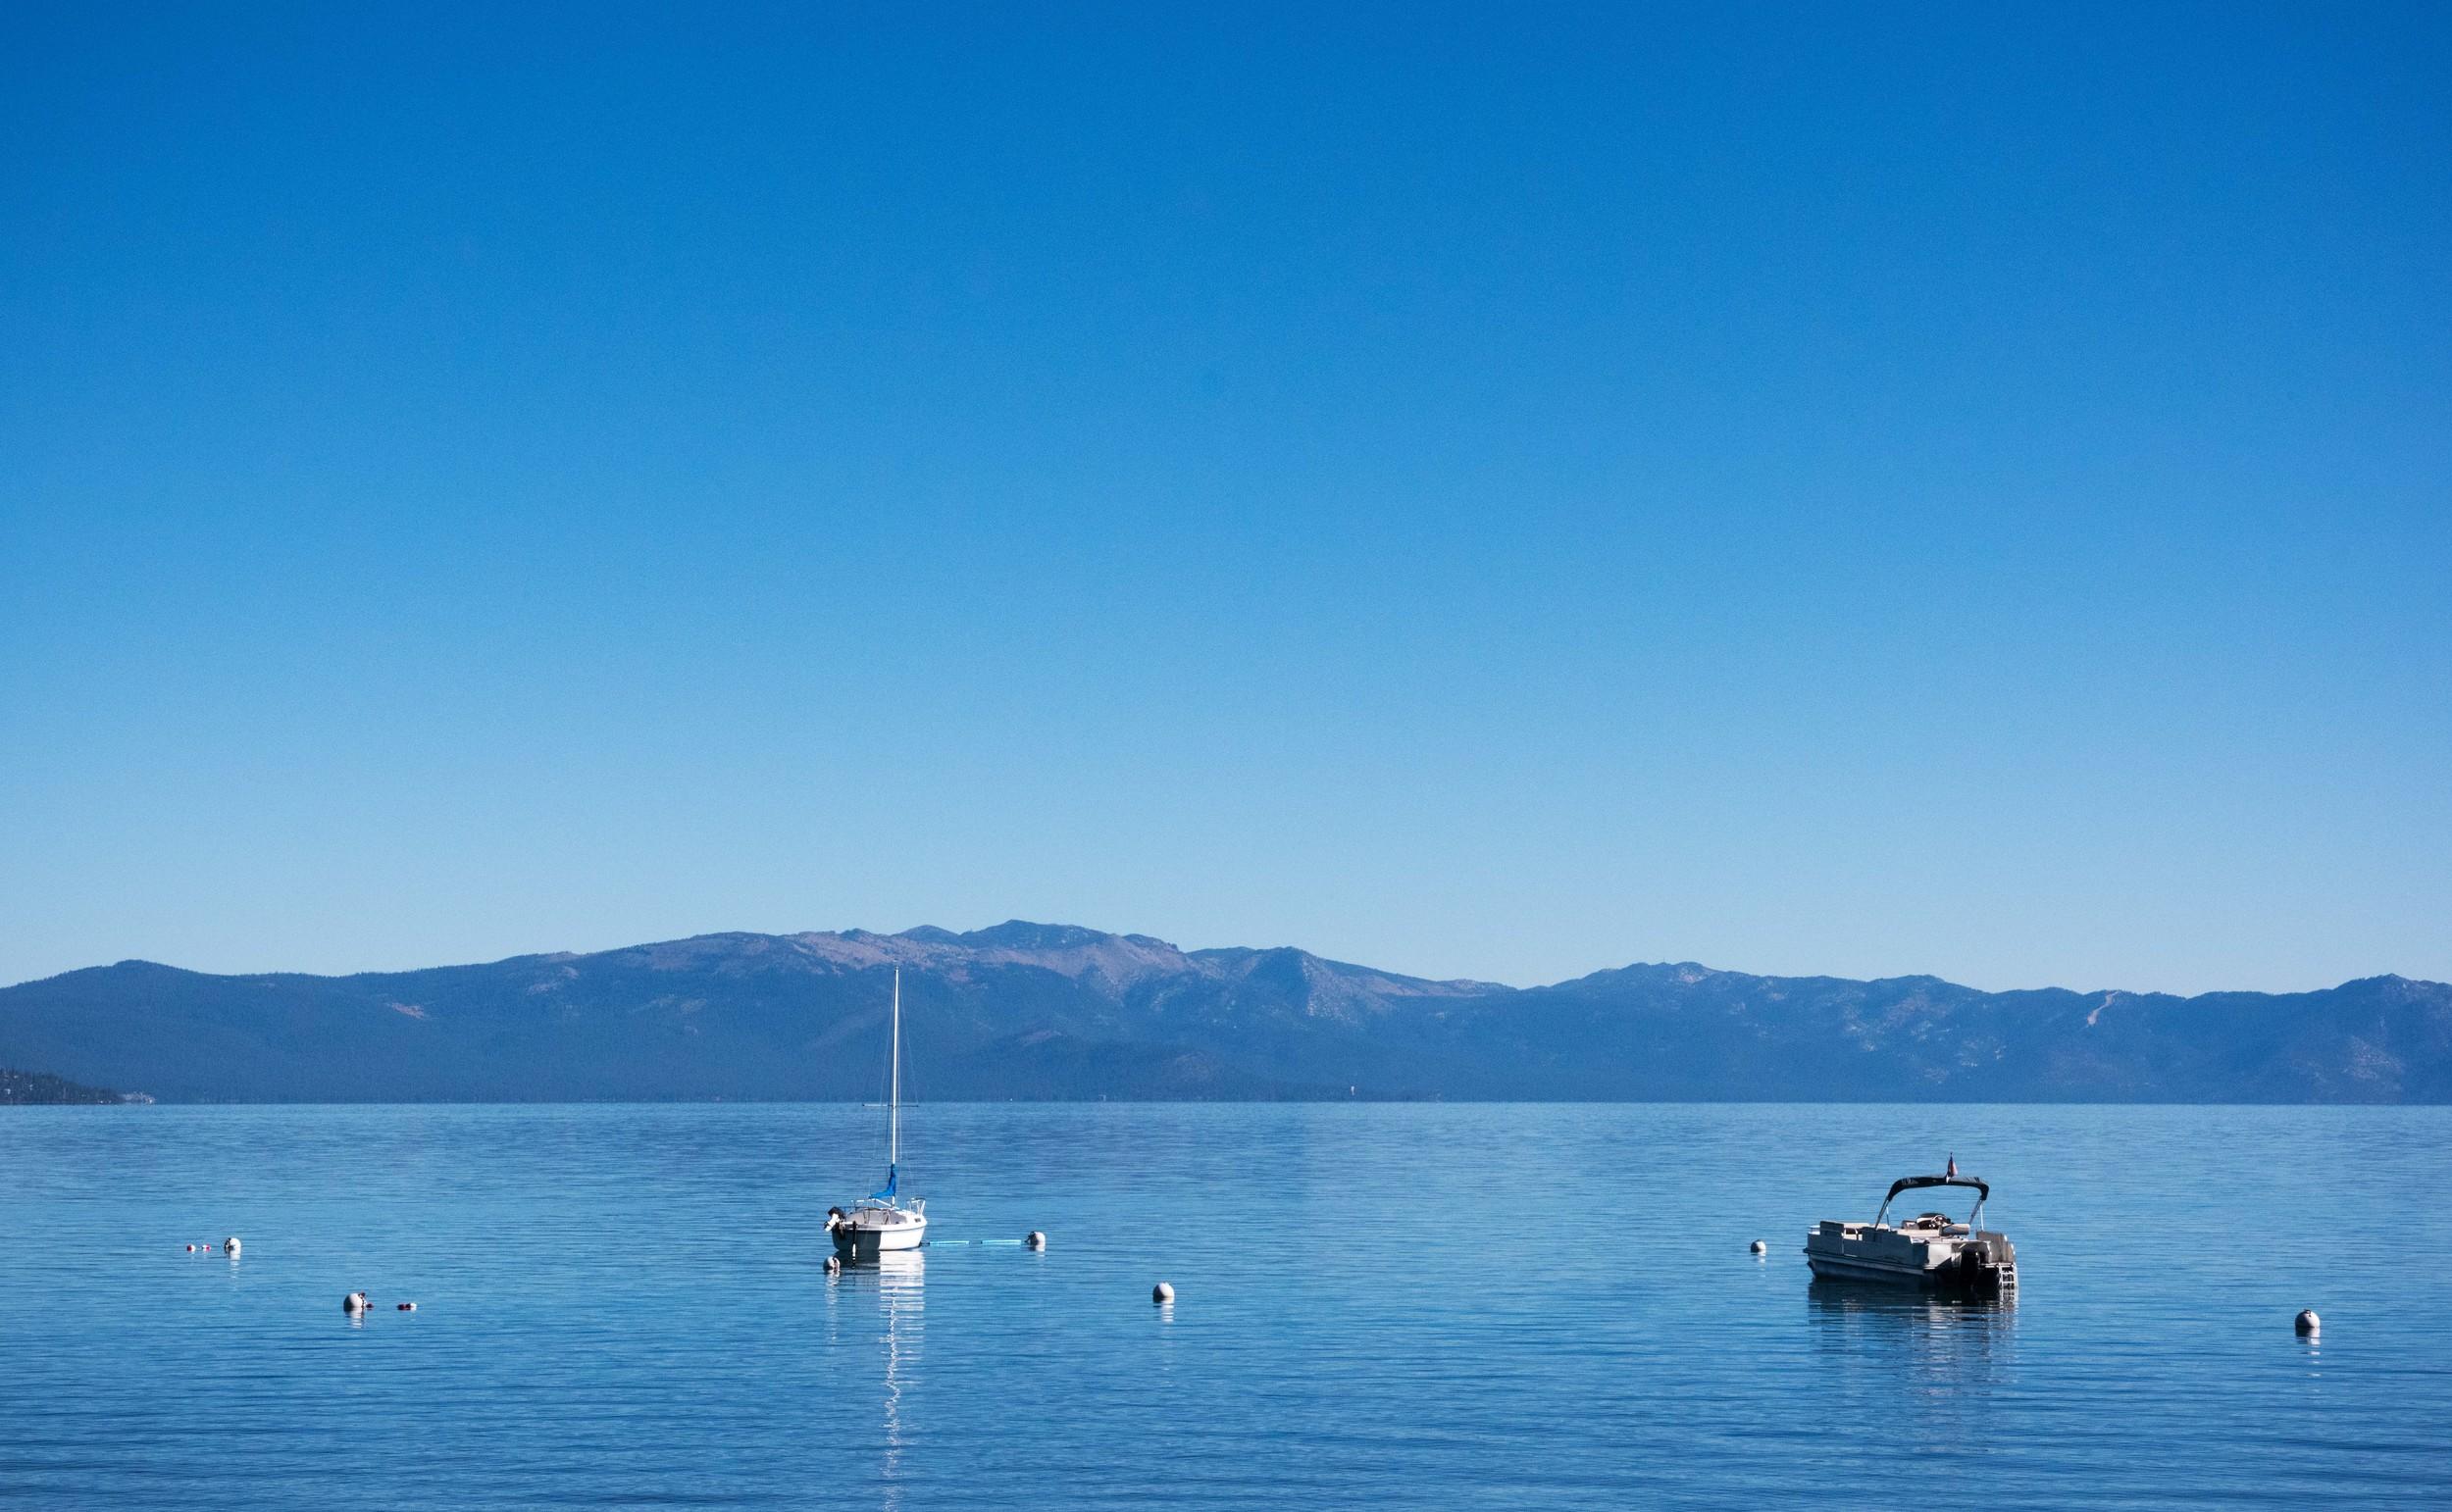 lake-tahoe-ca-8